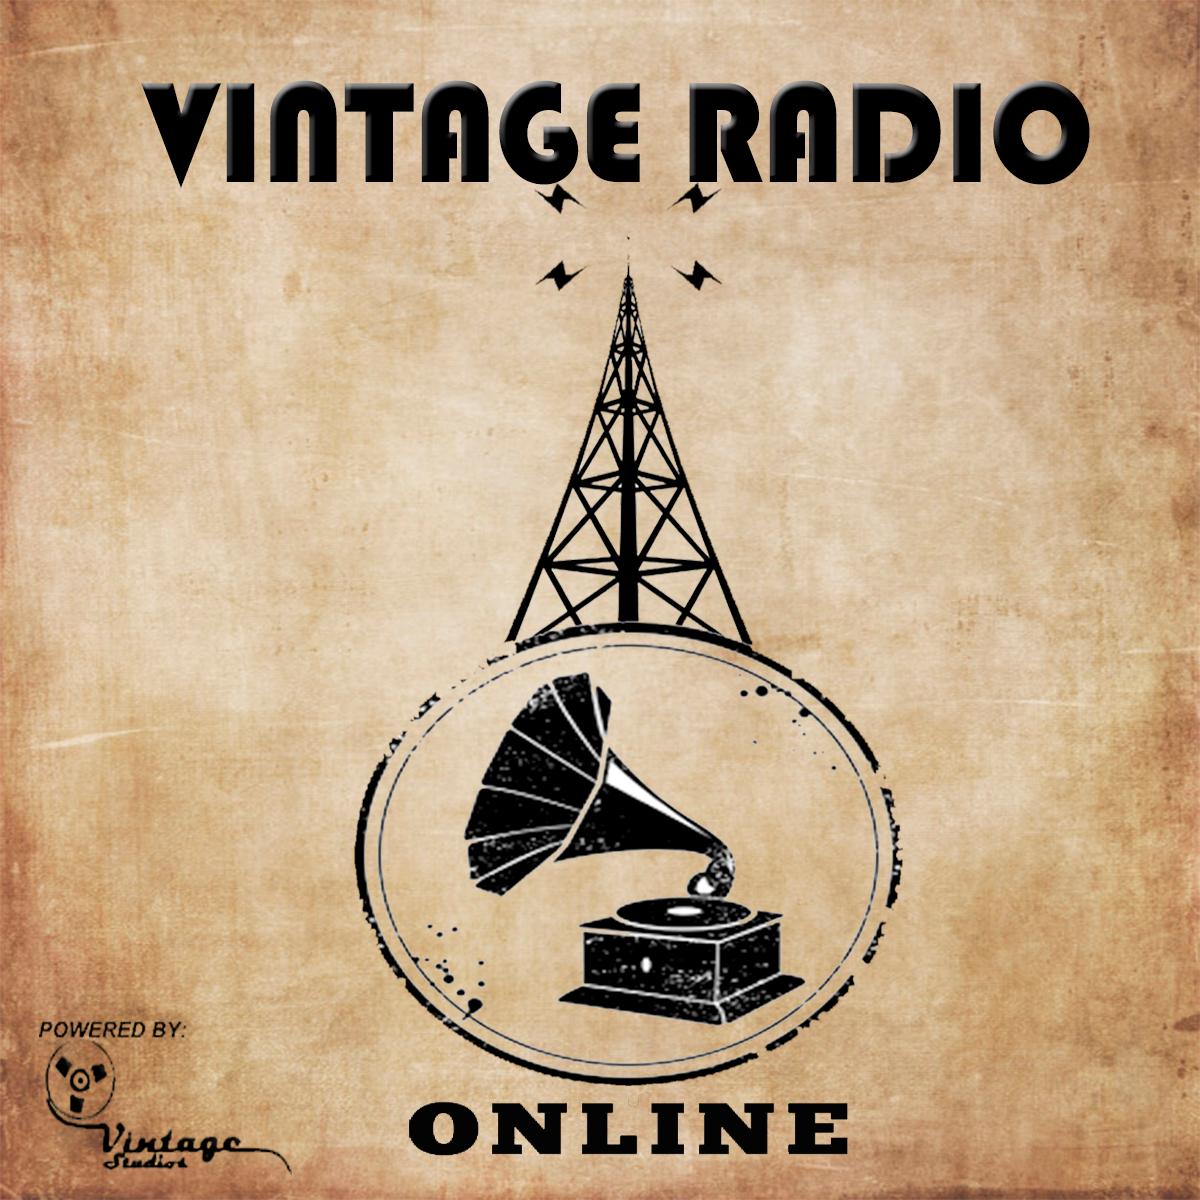 Vintage Radio Bolivia